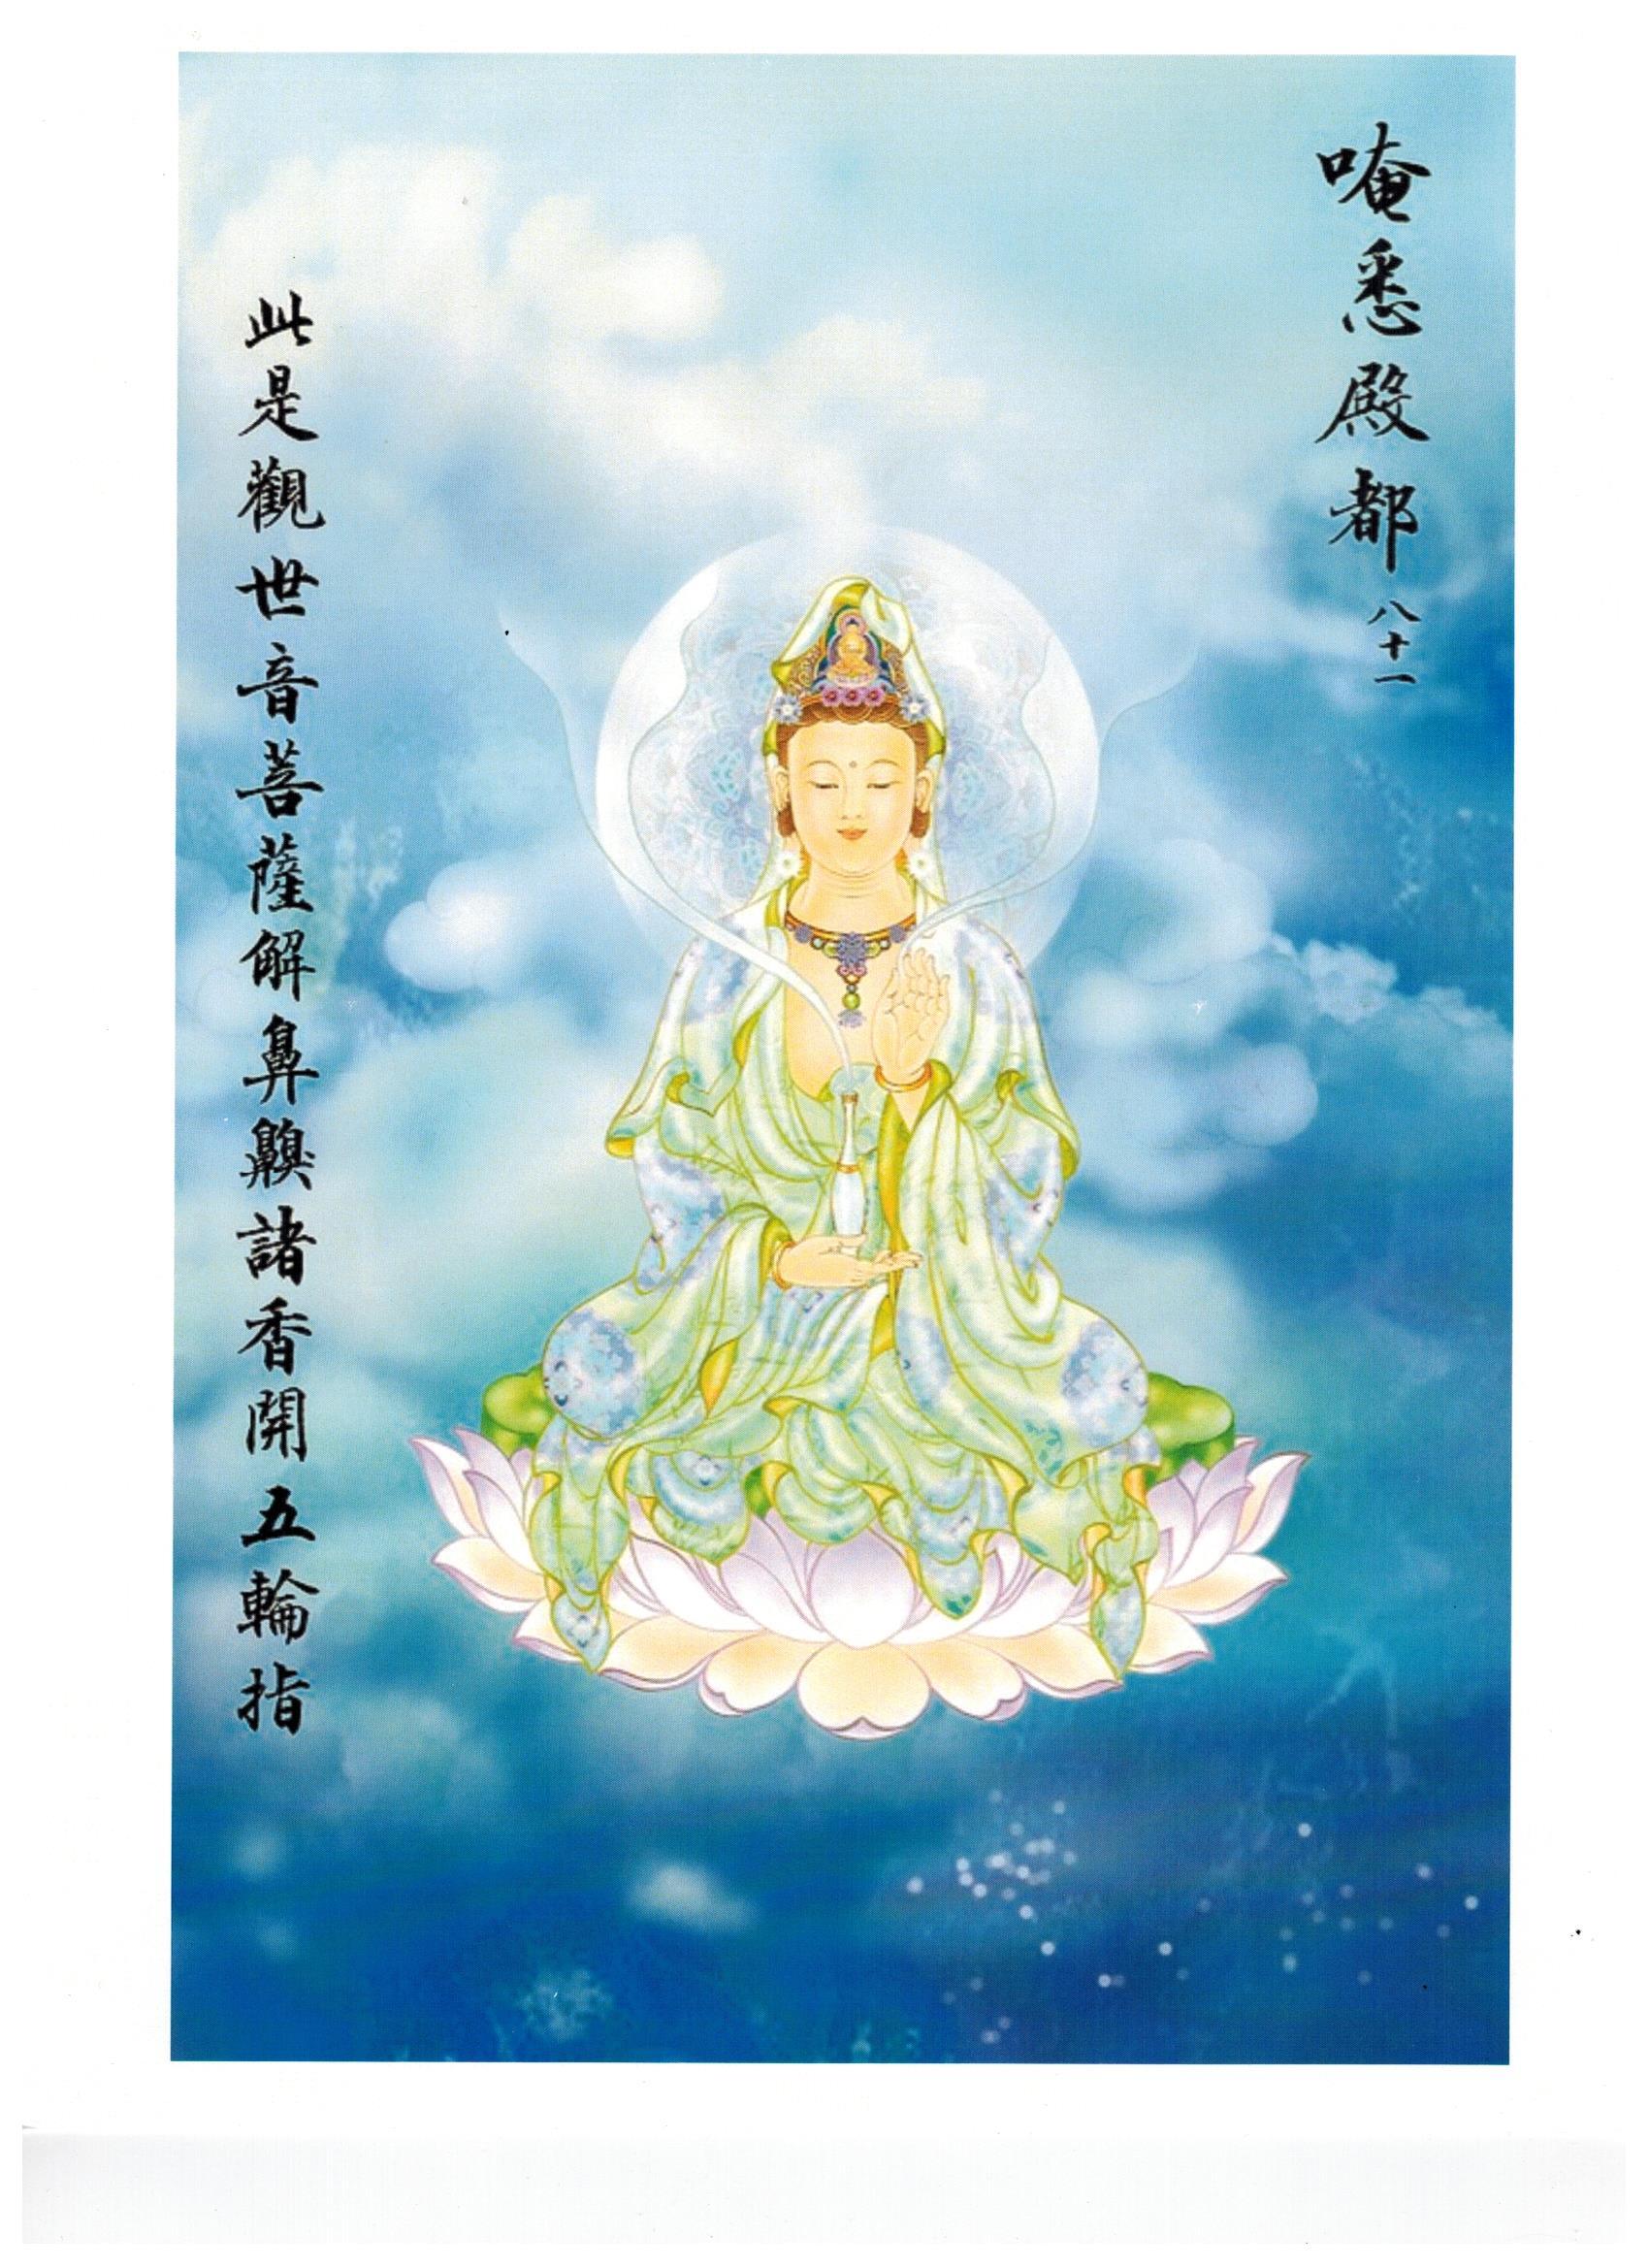 81_–_An_Xi_Dian_Du